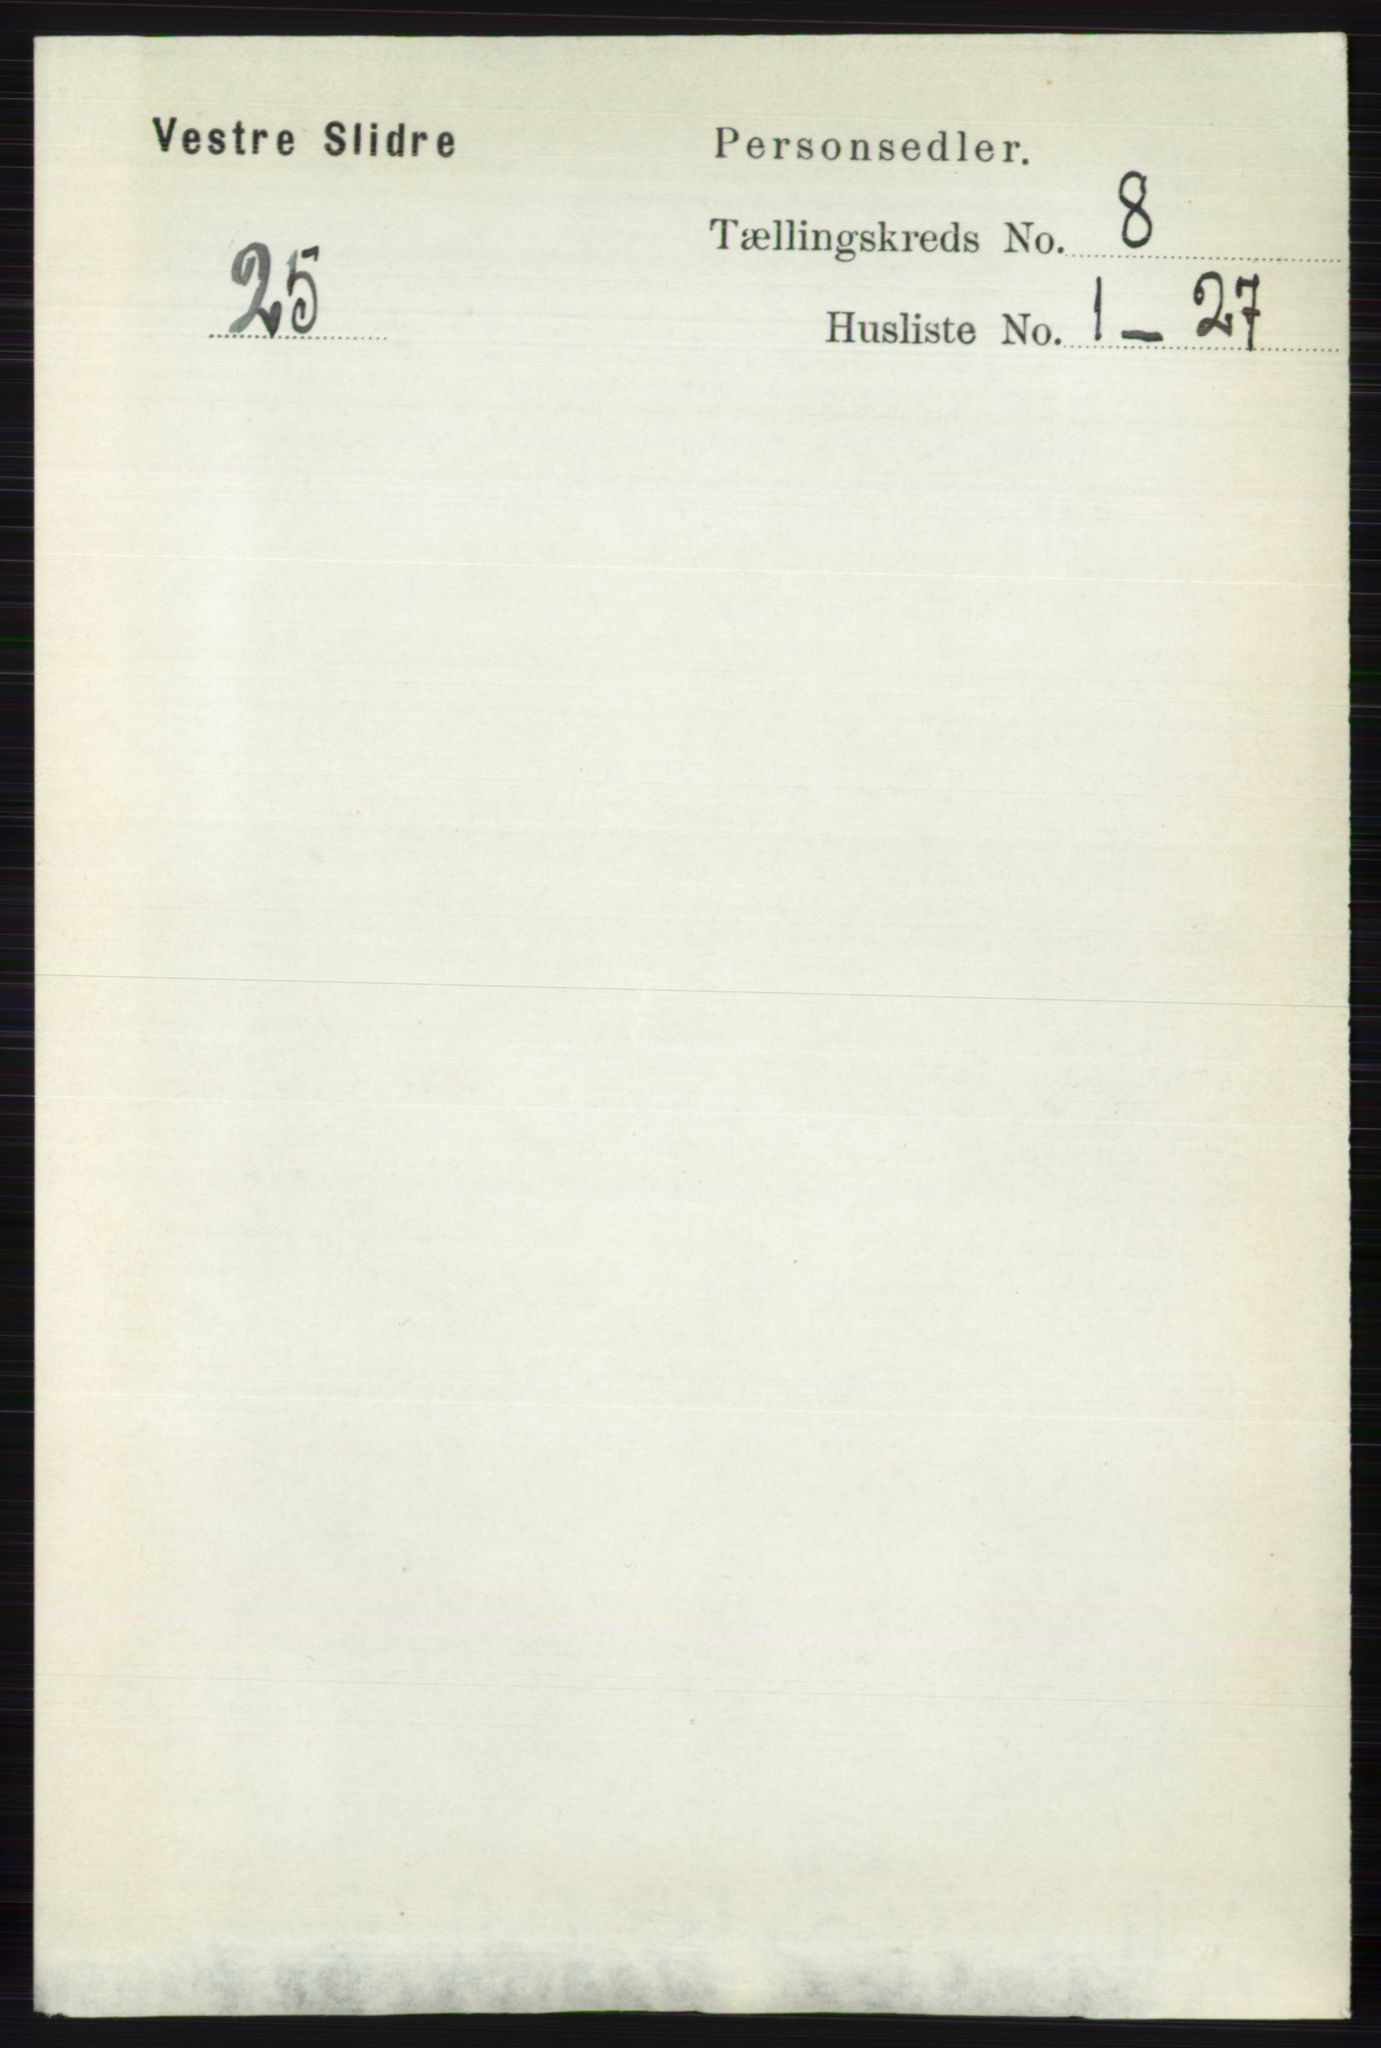 RA, Folketelling 1891 for 0543 Vestre Slidre herred, 1891, s. 2983